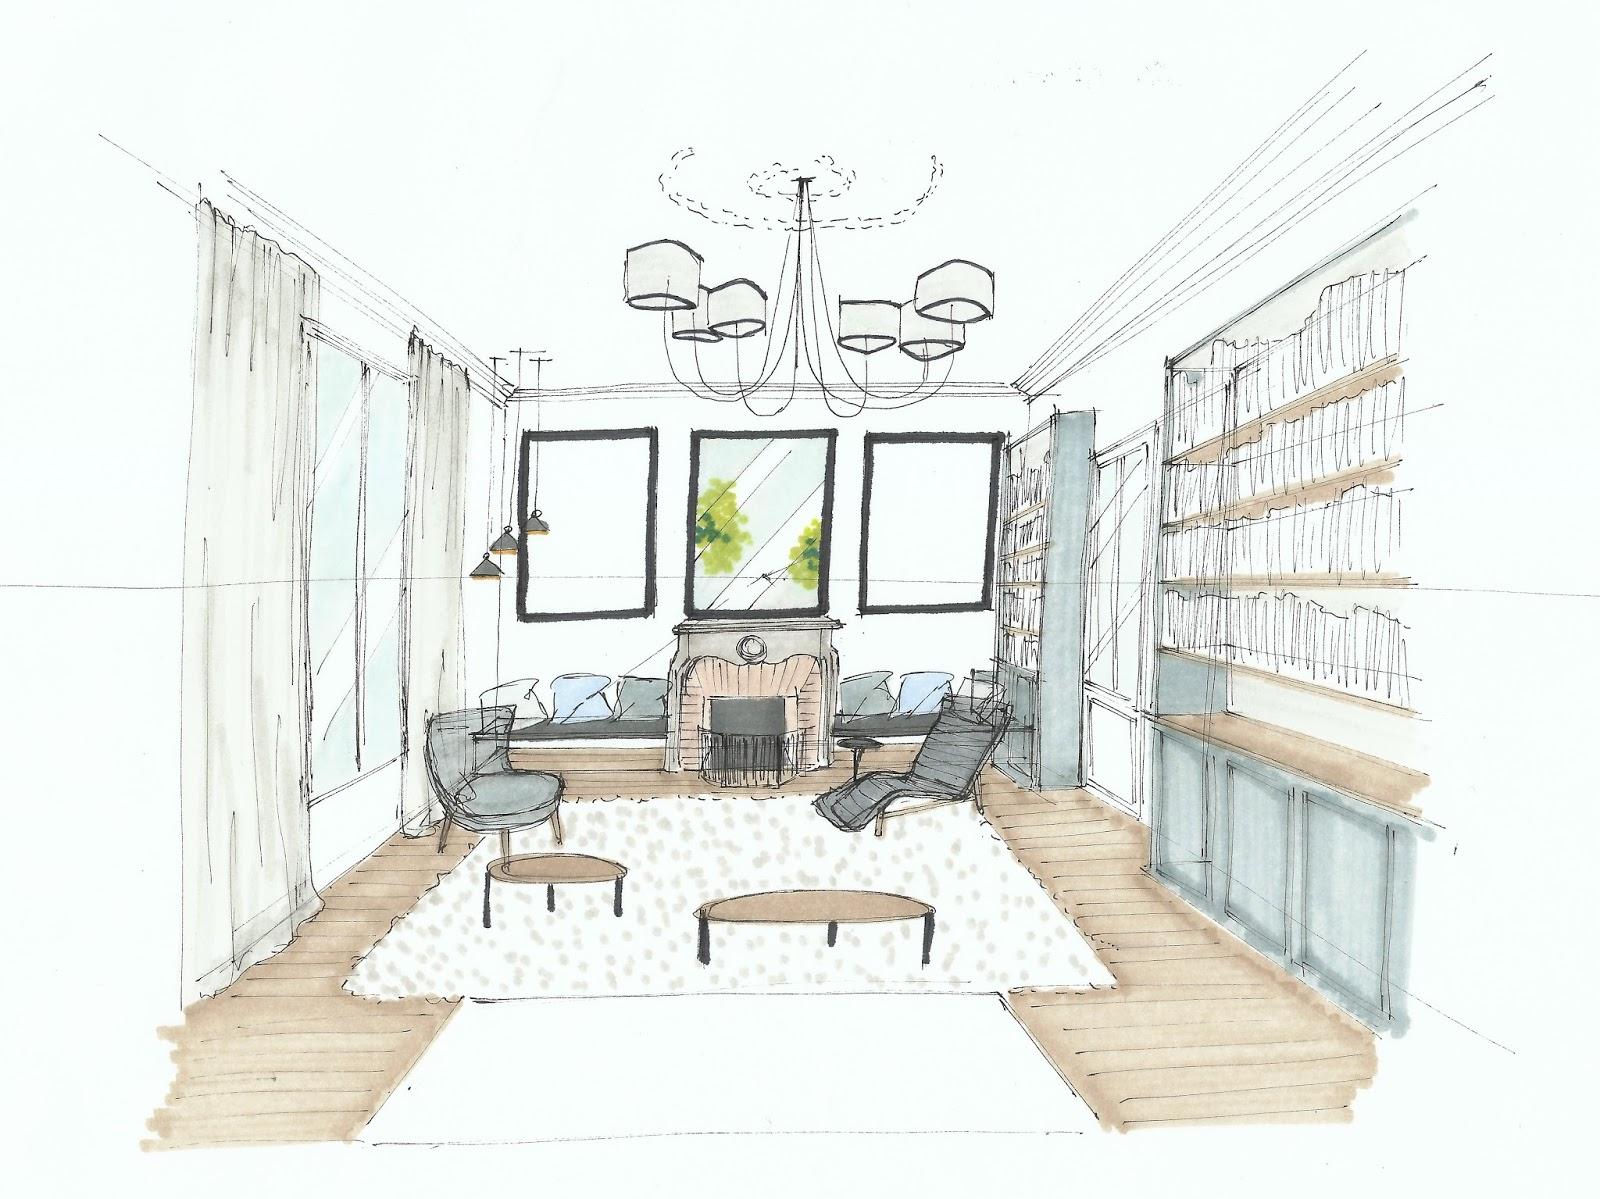 Adc l 39 atelier d 39 c t am nagement int rieur design d for Conseiller amenagement interieur